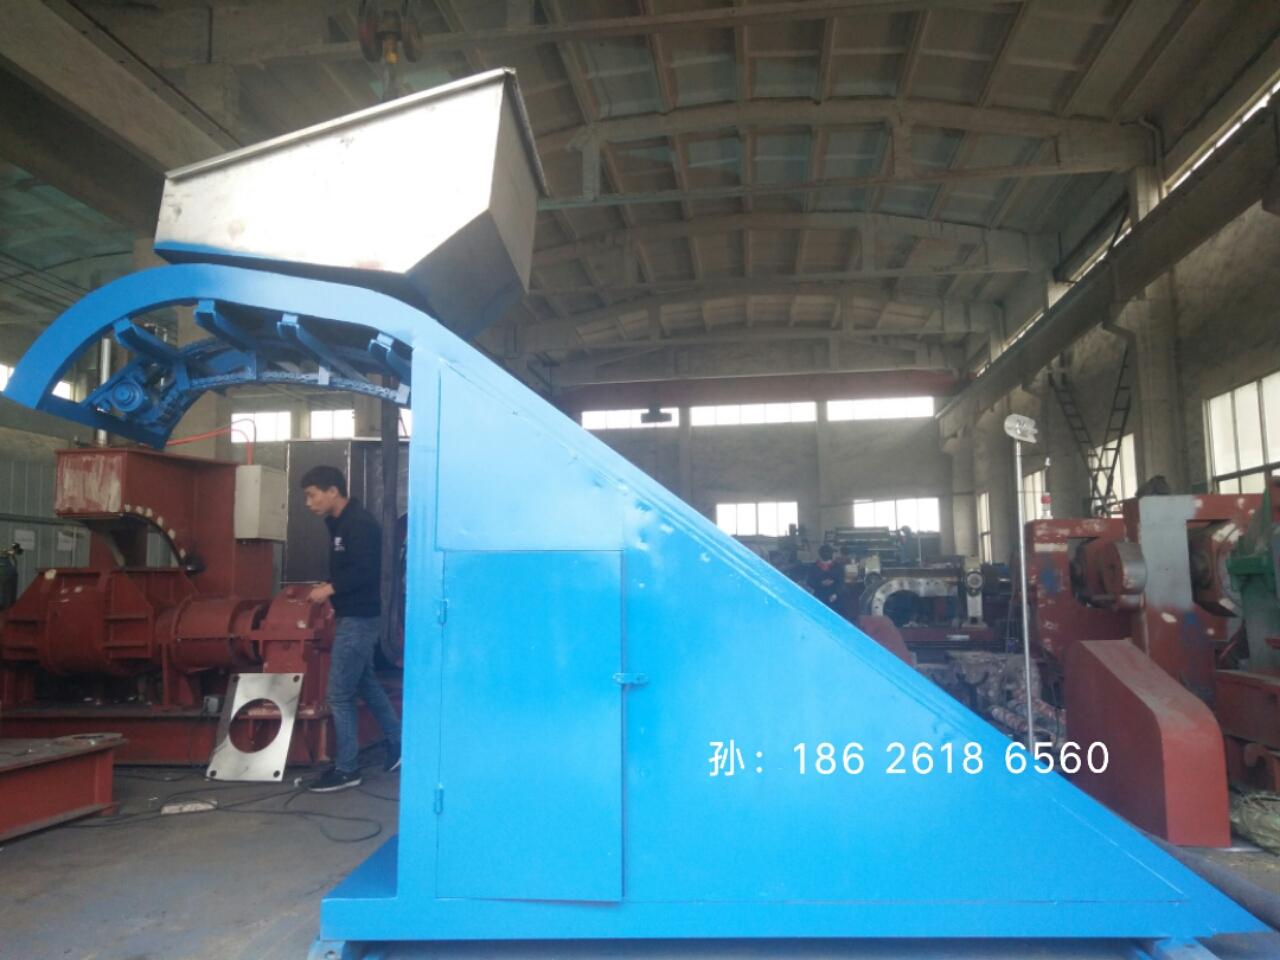 密炼机到开炼机之间橡胶输送设备,T22提升机,翻斗式上料机